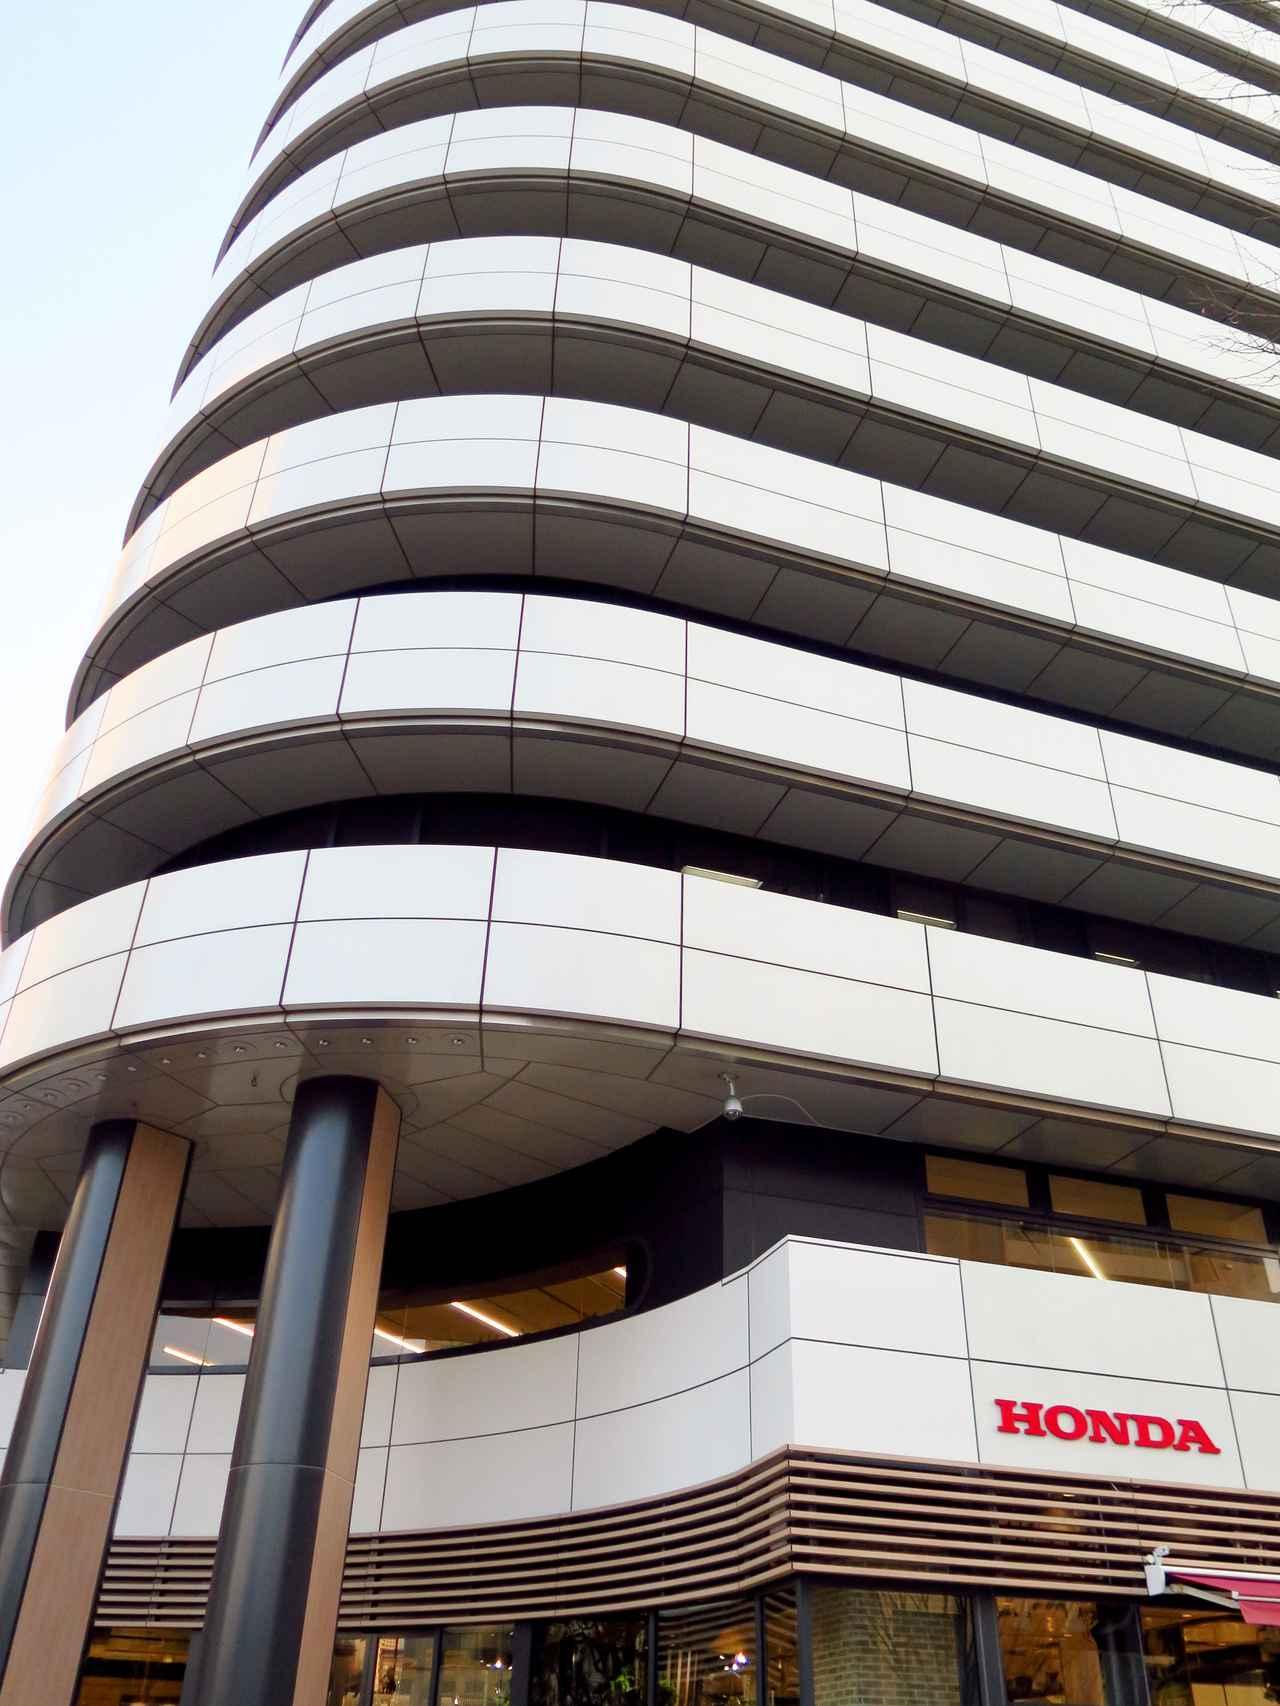 Images : 48番目の画像 - Hondaウエルカムプラザ青山の写真をもっと見る! - webオートバイ